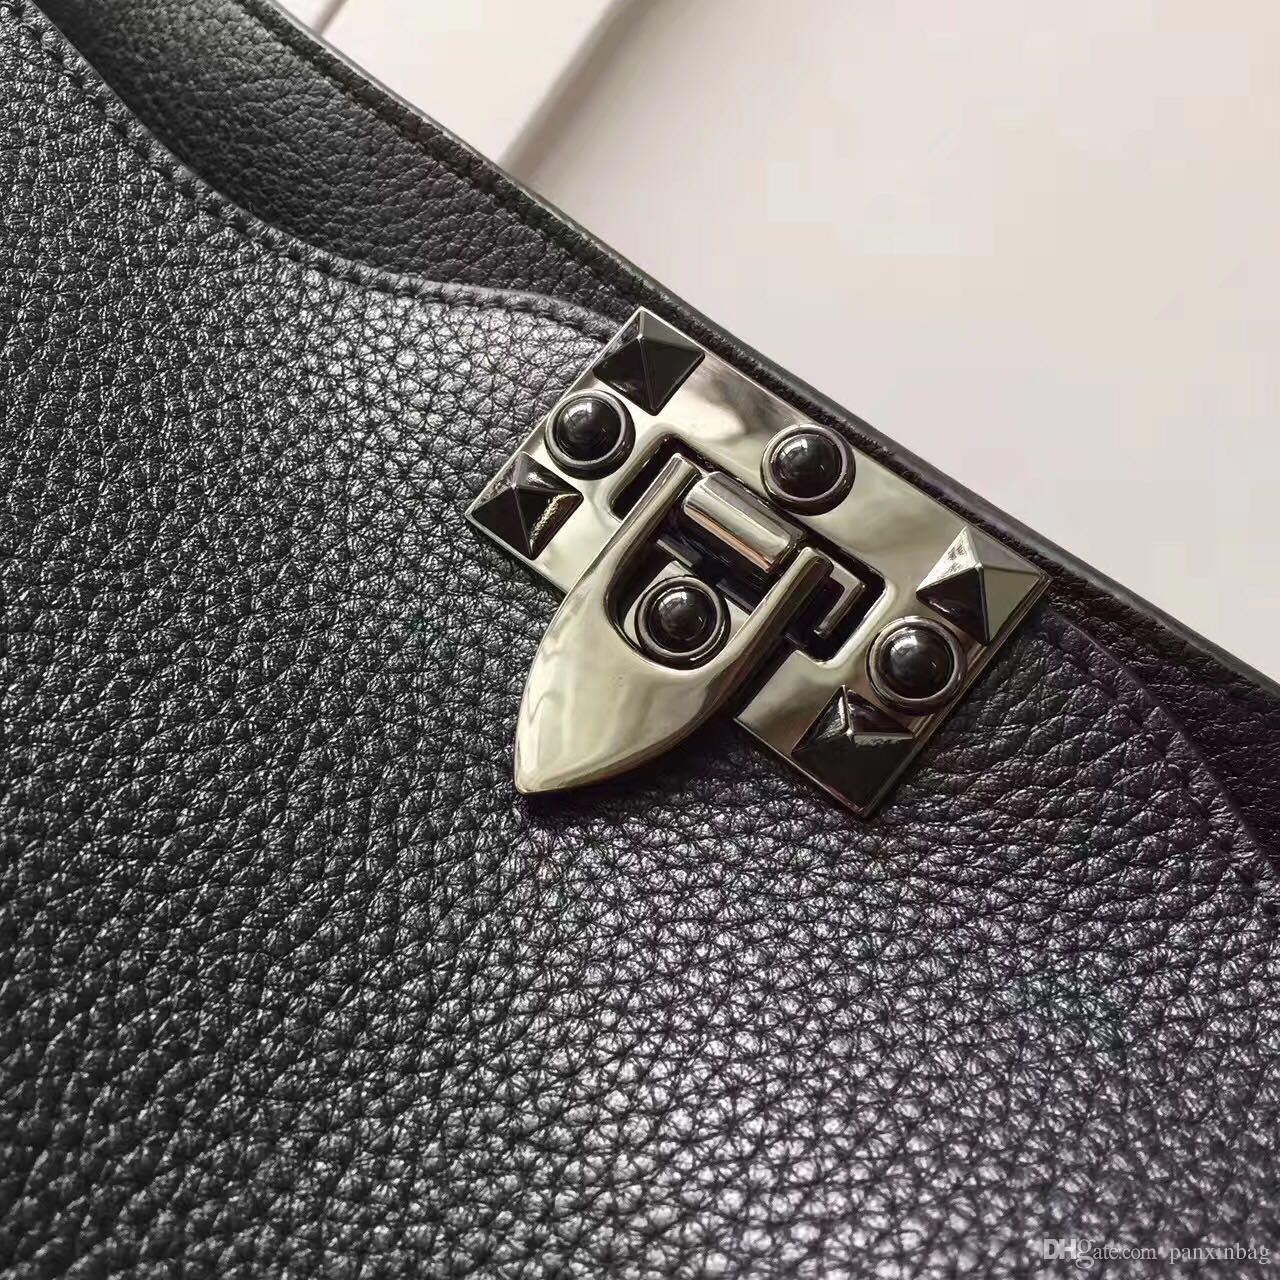 2017 yeni stil siyah perçin tırnak moda lüks deri custom made high-end kadın omuz çantaları marka tasarımcı narin düz küçük çanta